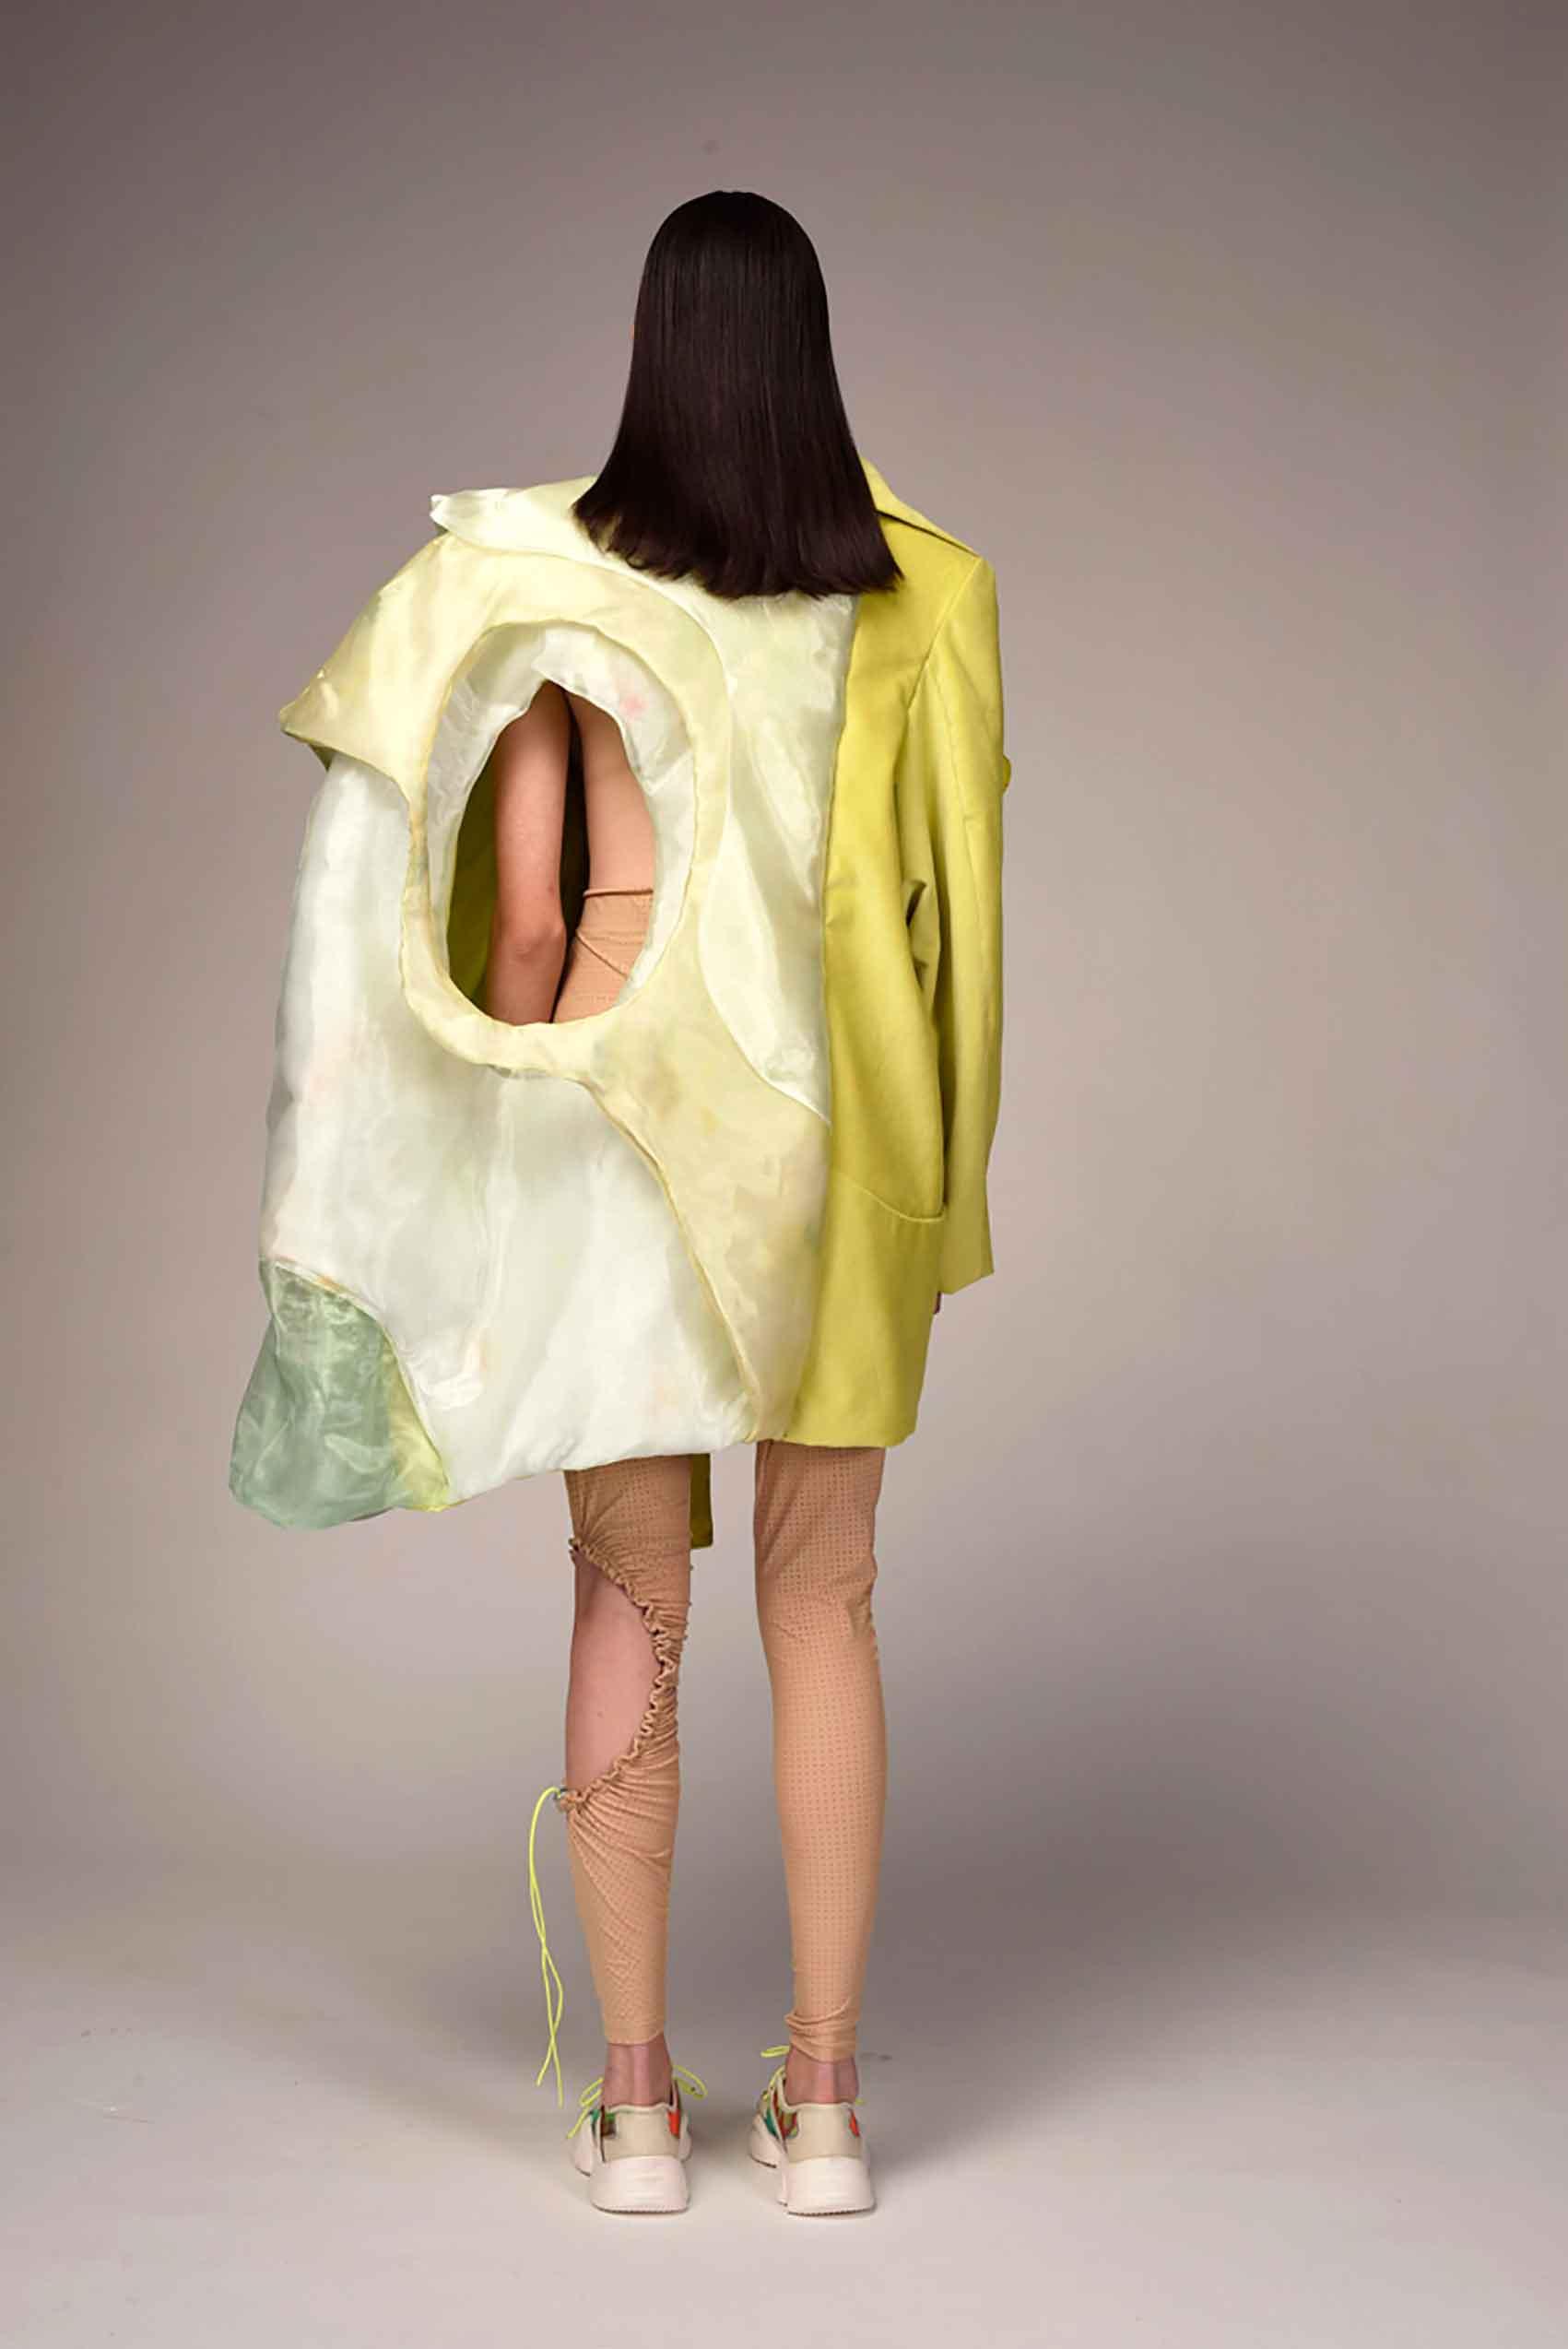 אופנה-גרורות-אפרת-יתח-טרנדים-סטייל-חדשות-האופנה-אופנת-נשים-מגזין-אופנה